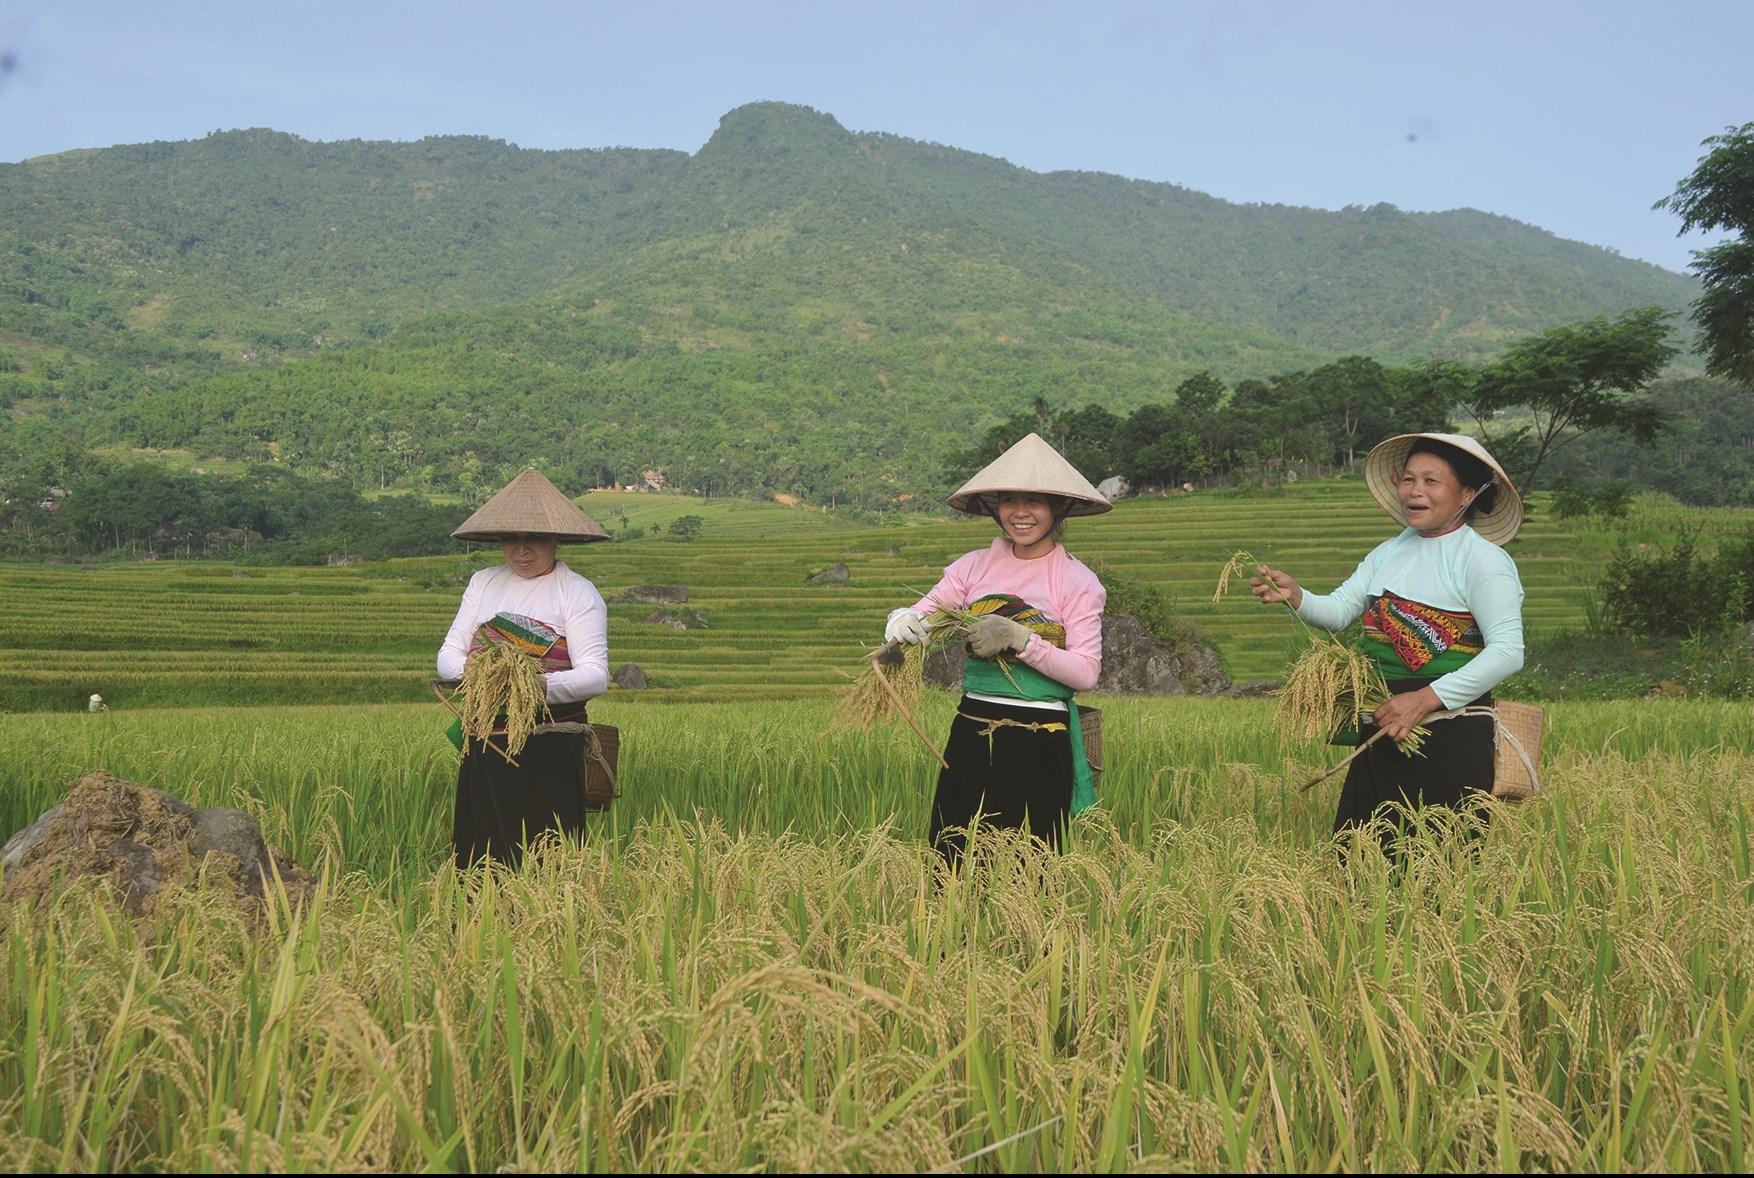 Đồng bào vùng DTTS và miền núi của tỉnh Thanh Hóa luôn khắc ghi lời Bác, nỗ lực tăng gia sản xuất, phát triển kinh tế. (Ảnh minh họa)